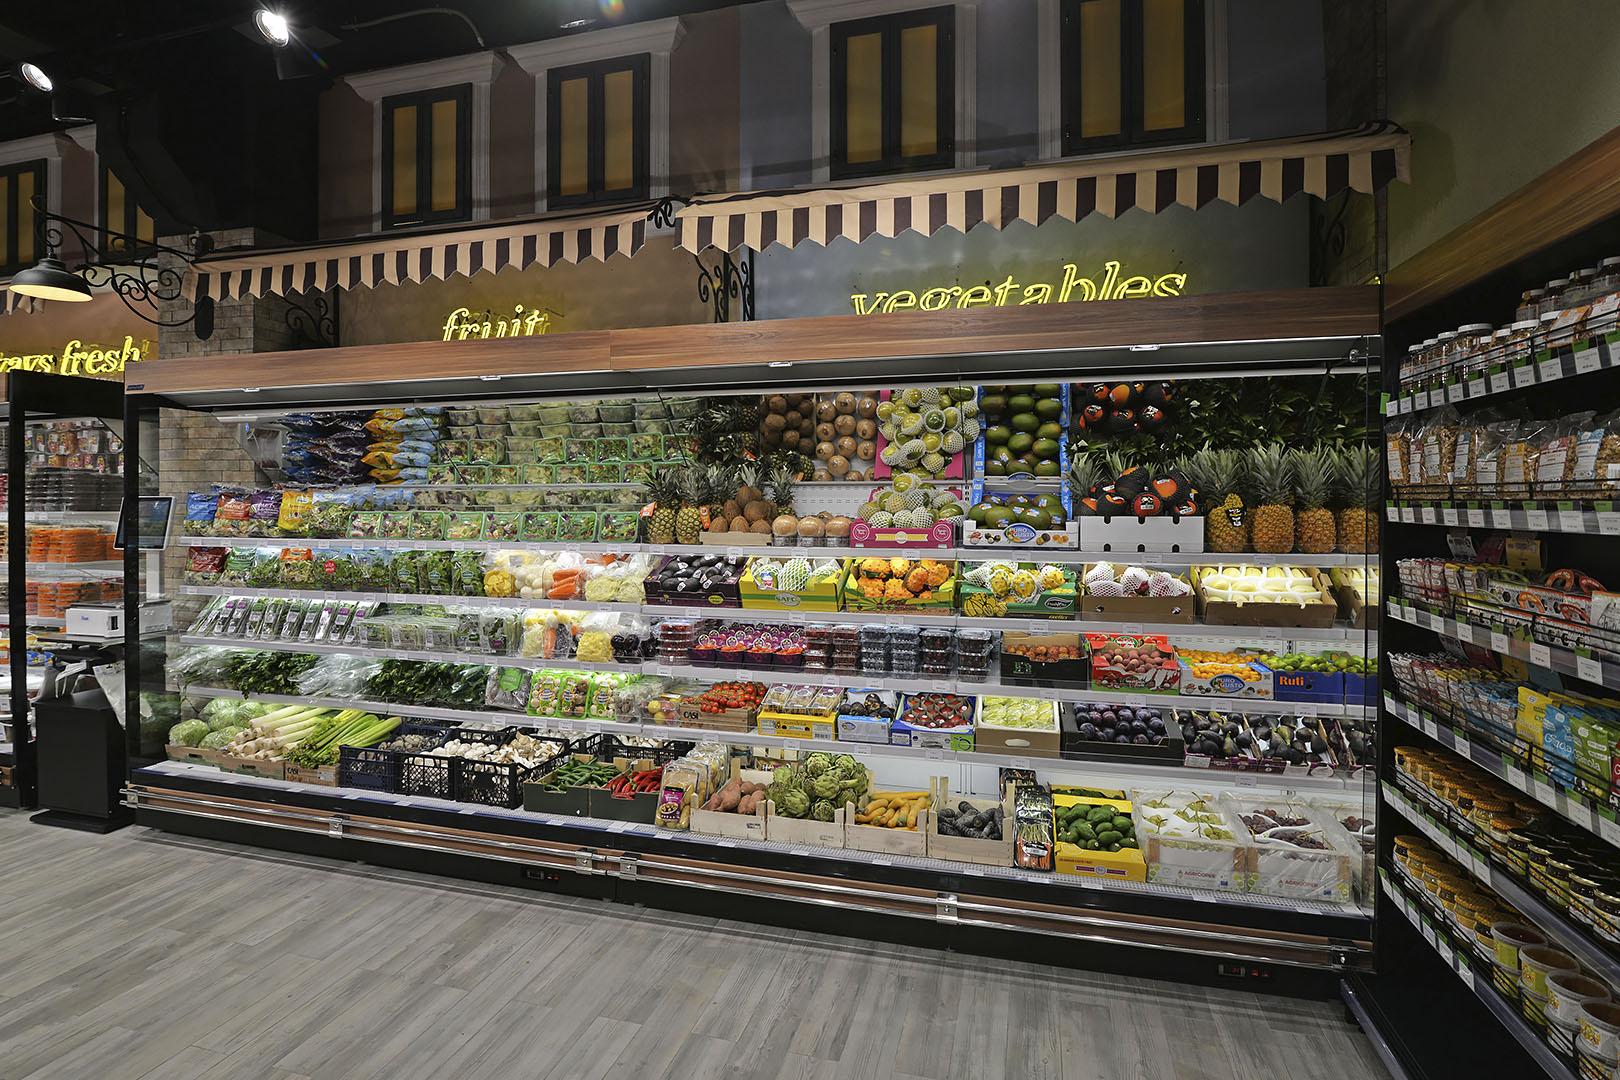 Спеціалізовані вітрини для продажу овочів та фруктів Louisiana FV MV 105 VF О 225-DLM